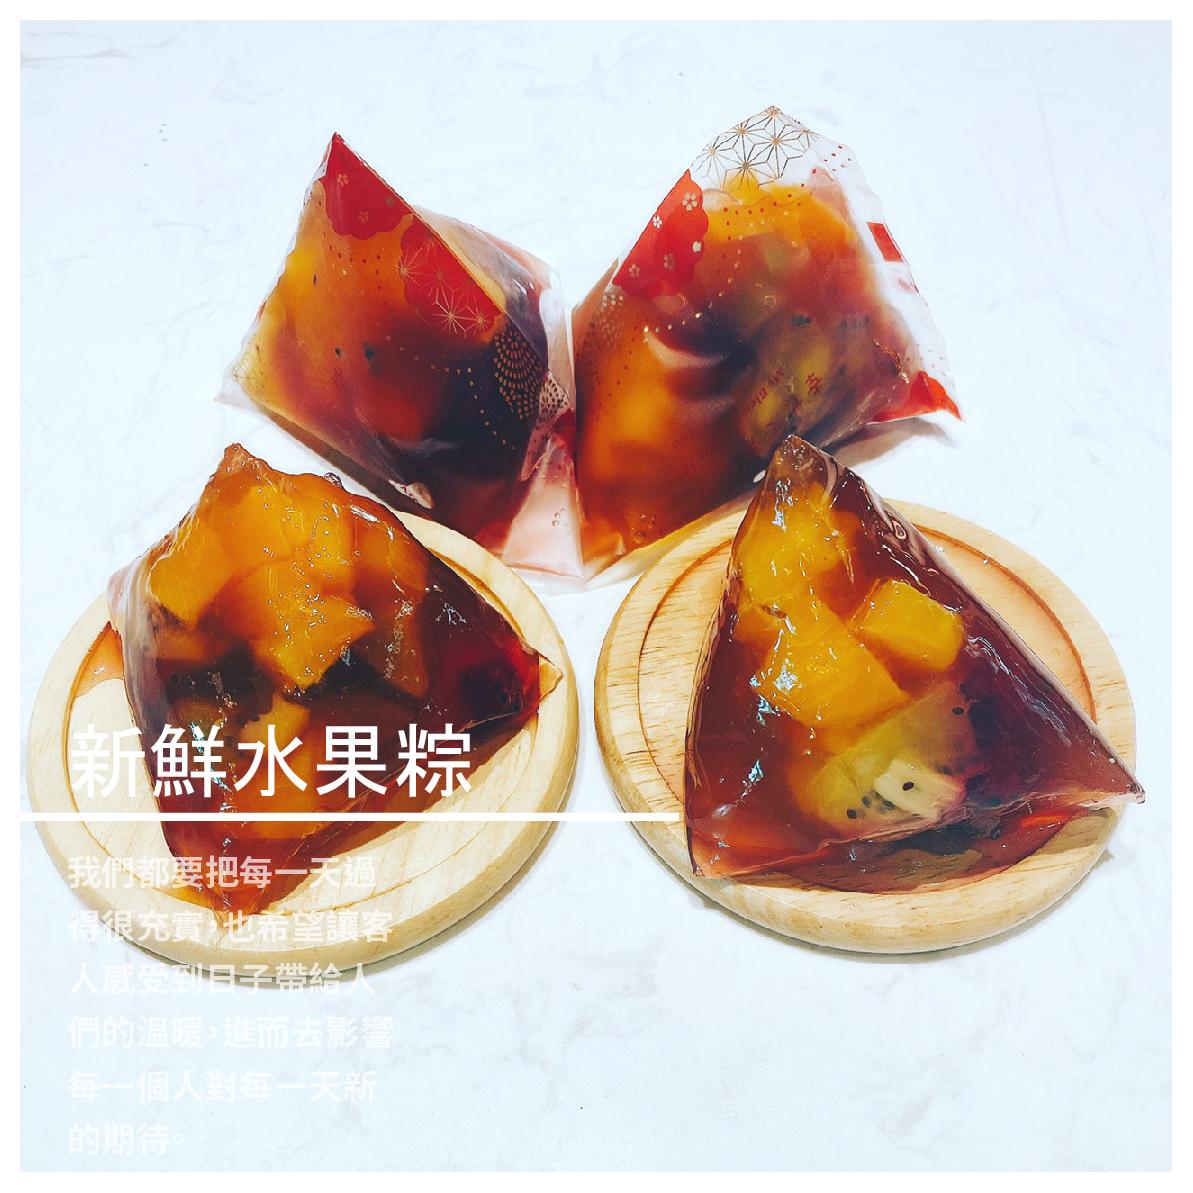 【日子食作烘焙】新鮮水果粽